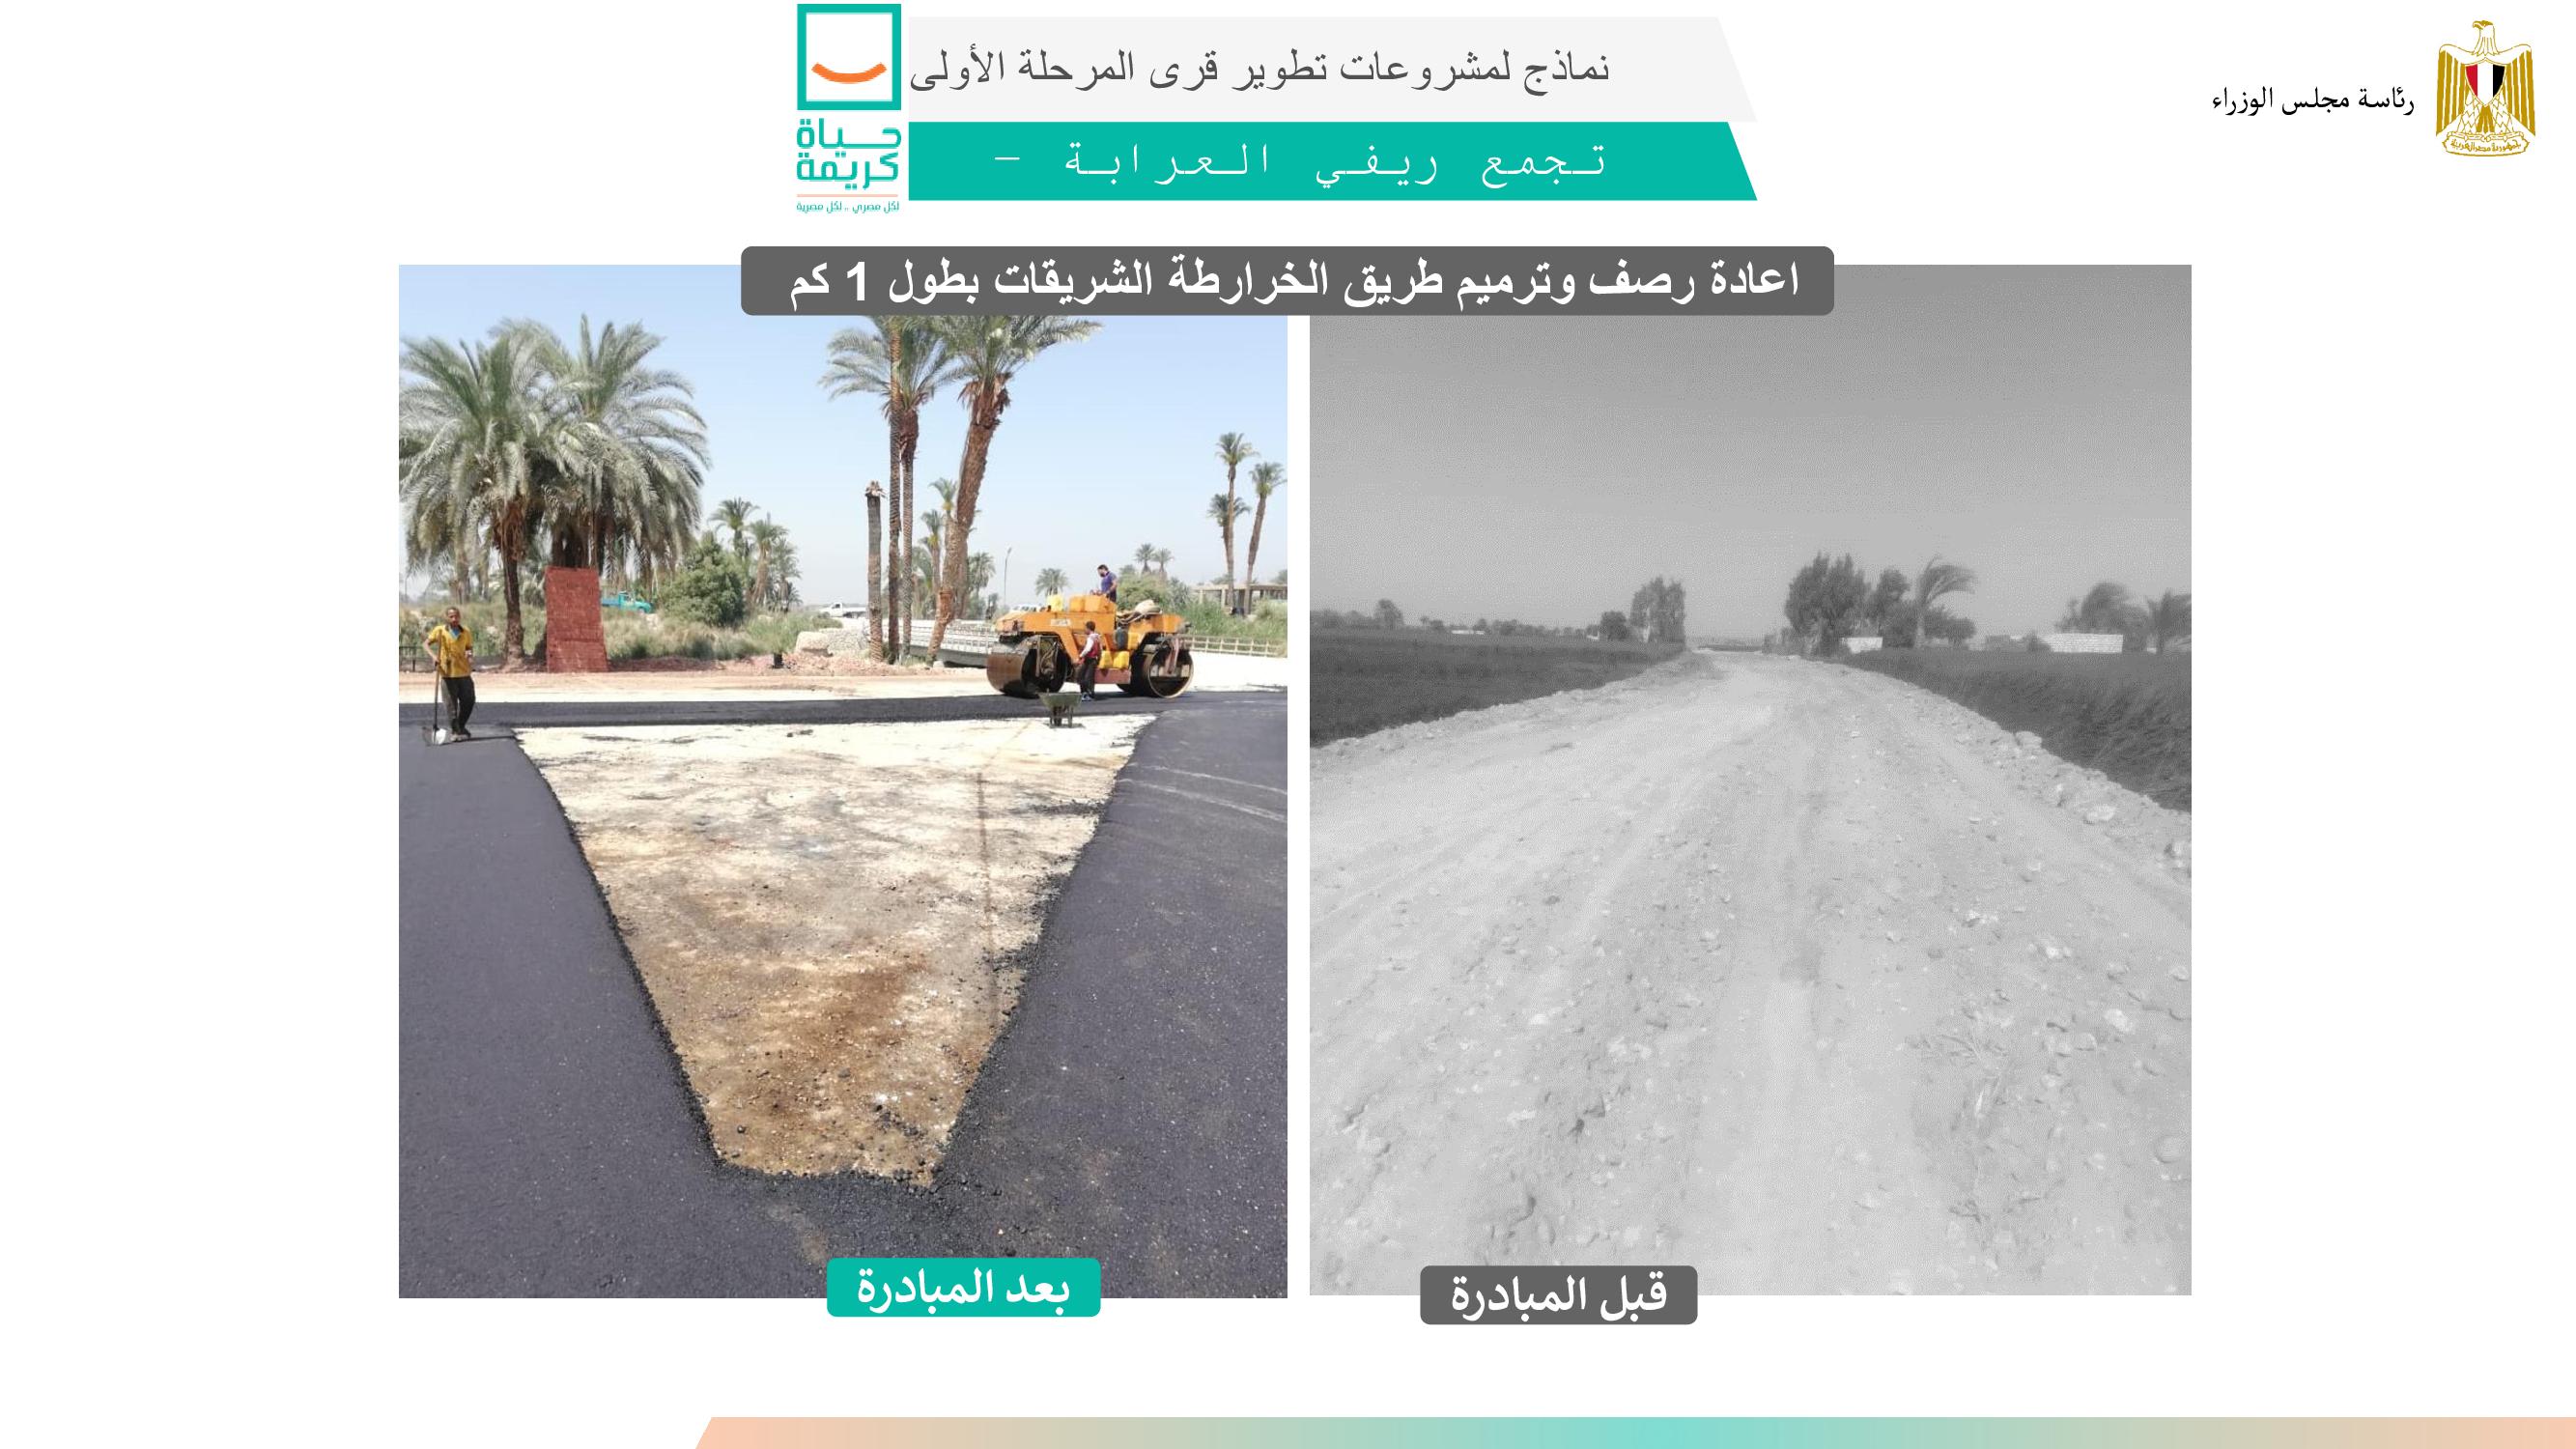 اعادة رصف وترميم طريق الخرارطة الشريقات بطول 1 كم